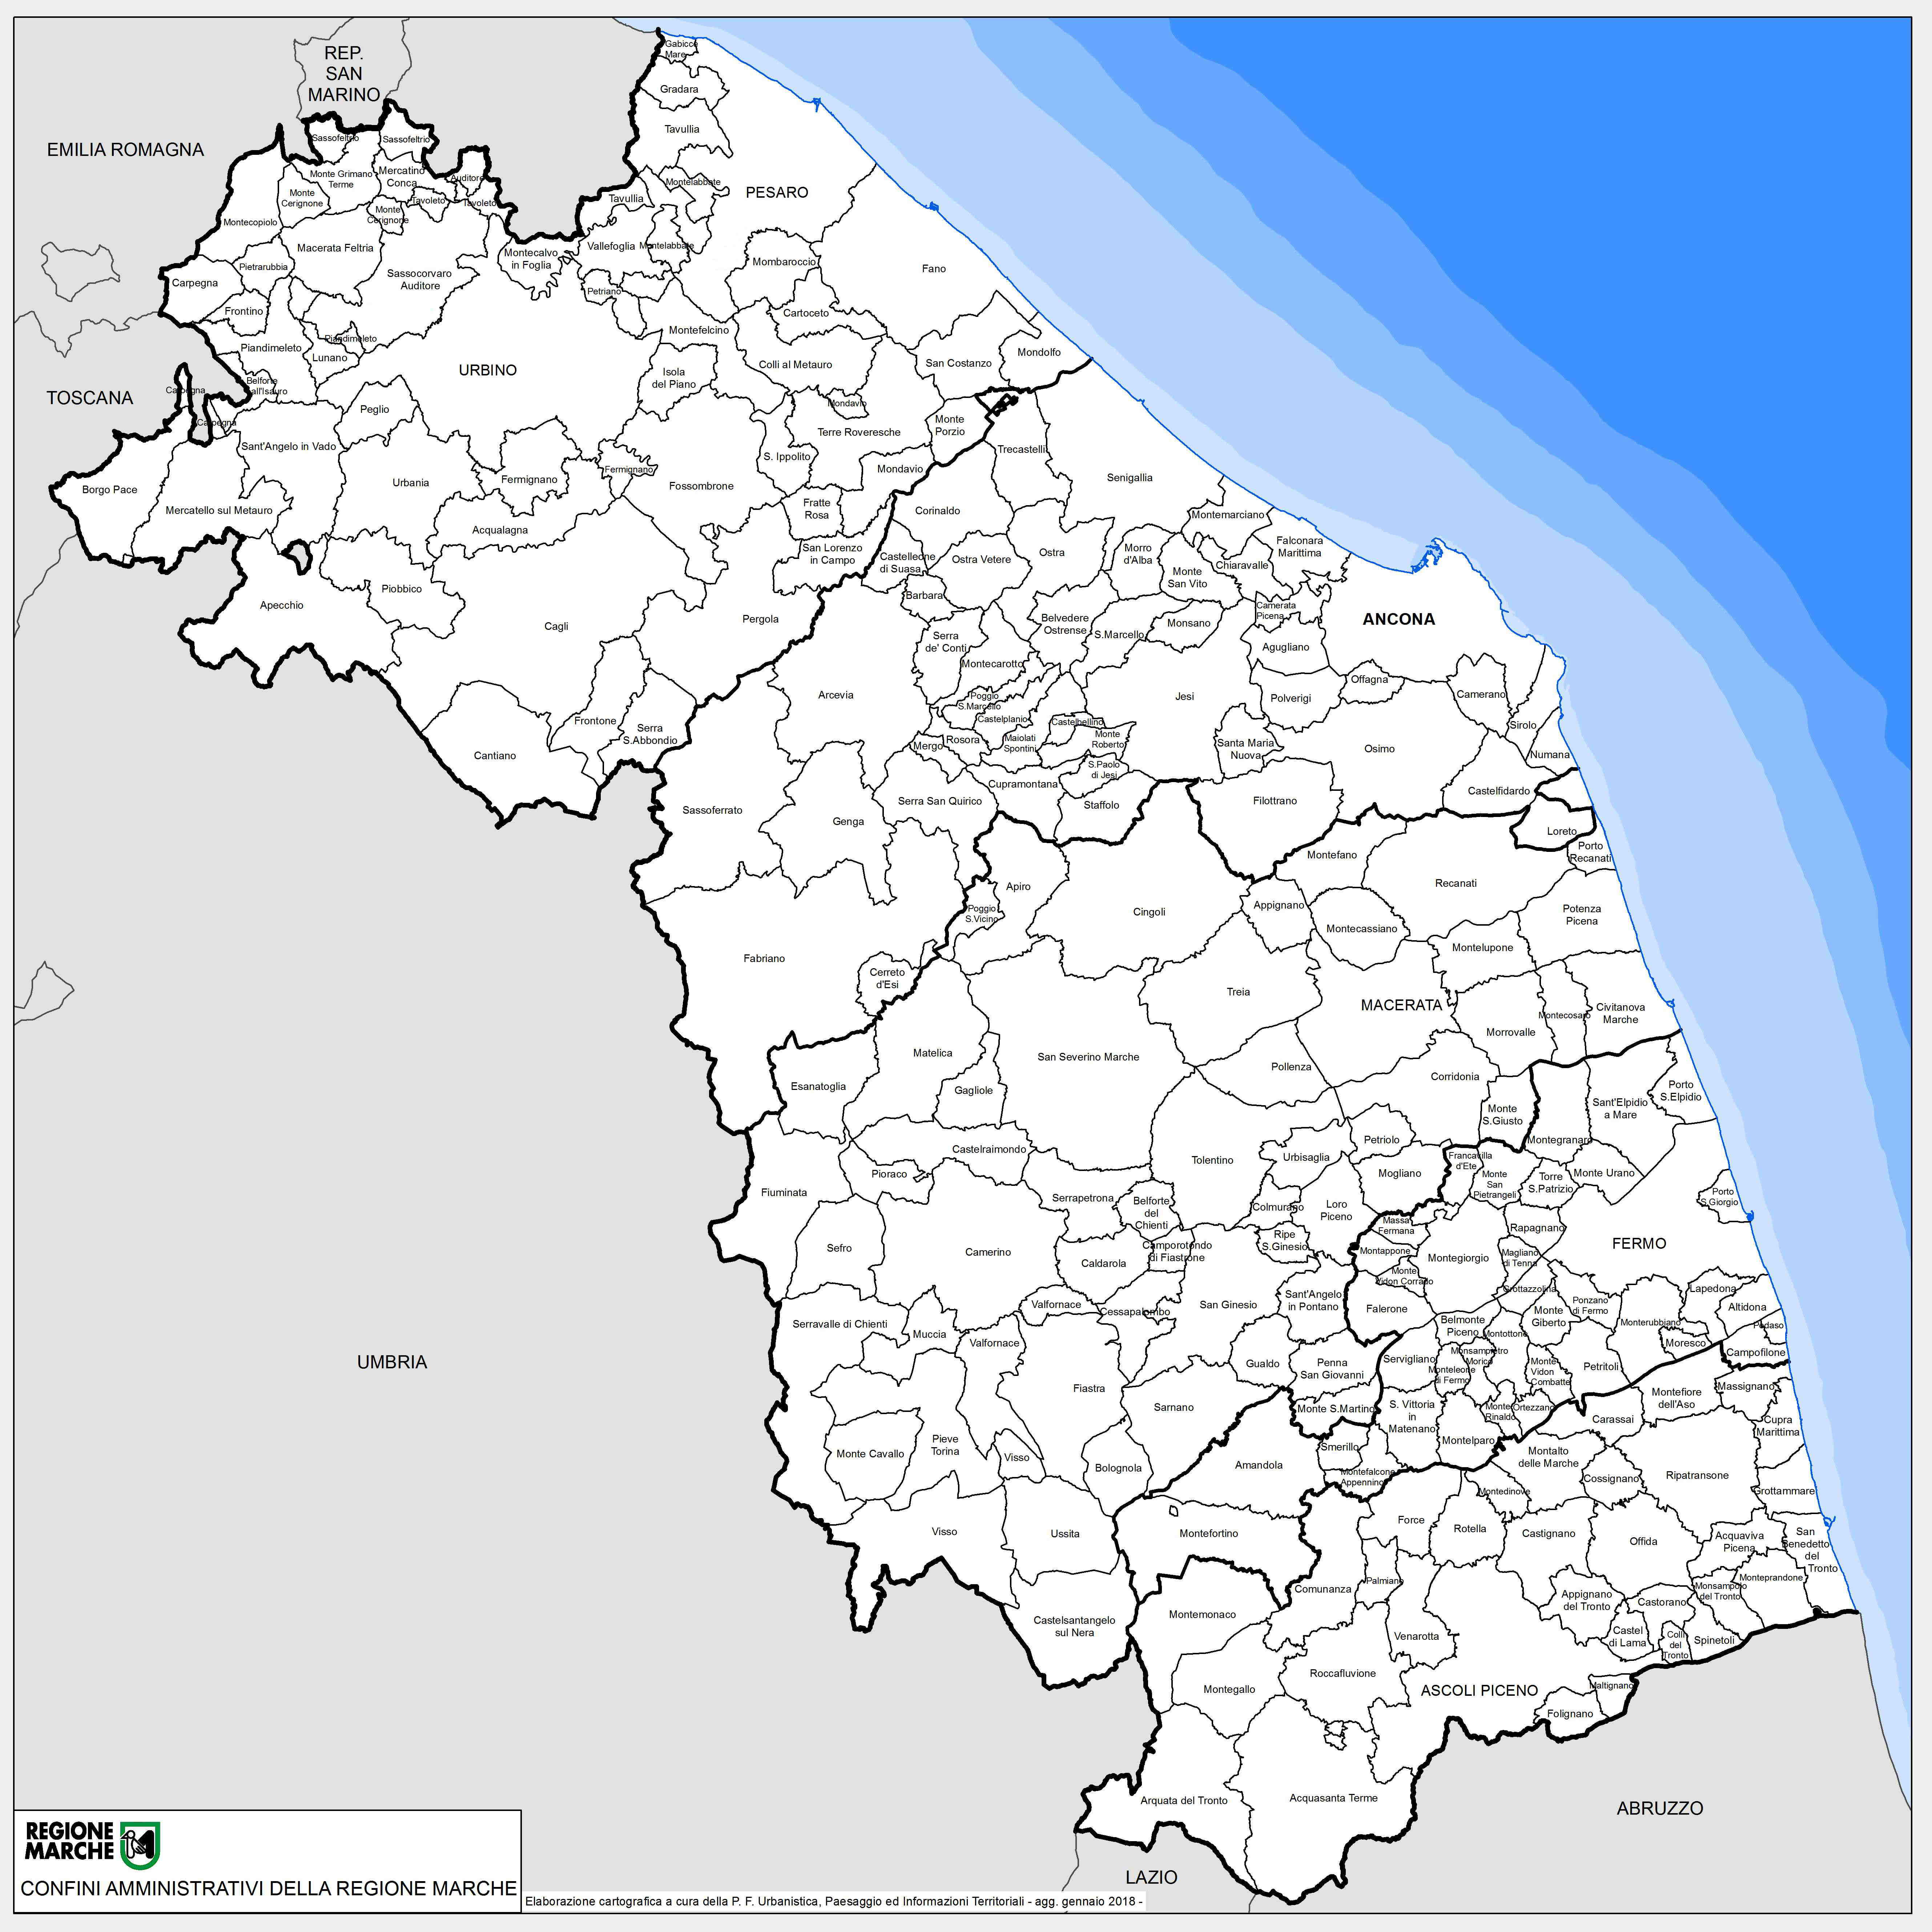 Marche Cartina Stradale.Regione Marche Regione Utile Paesaggio Territorio Urbanistica Genio Civile Cartografia E Informazioni Territoriali Repertorio